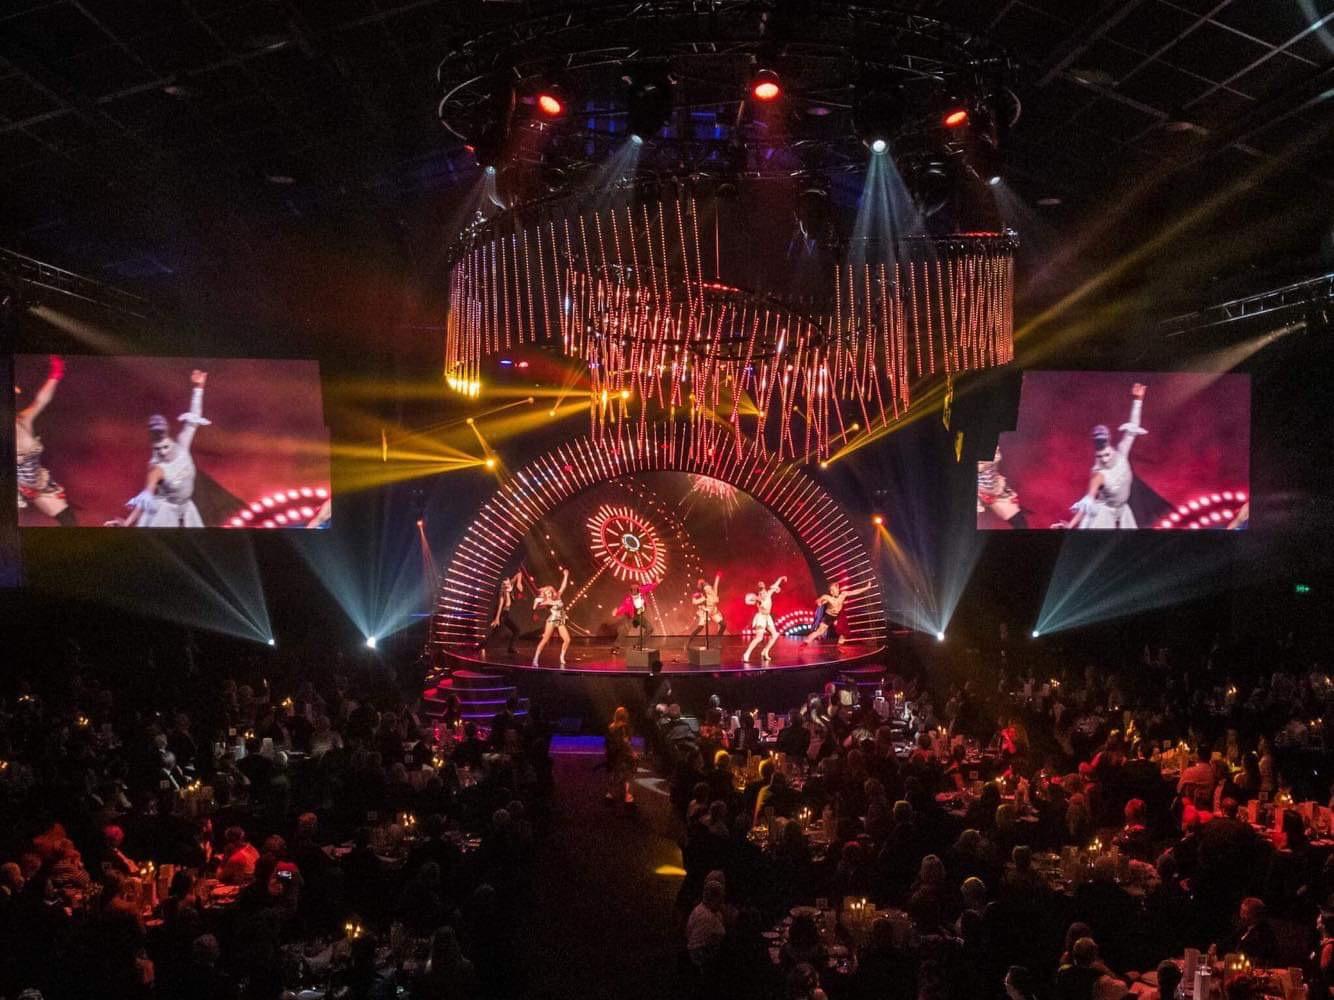 The Australian Tourism Awards